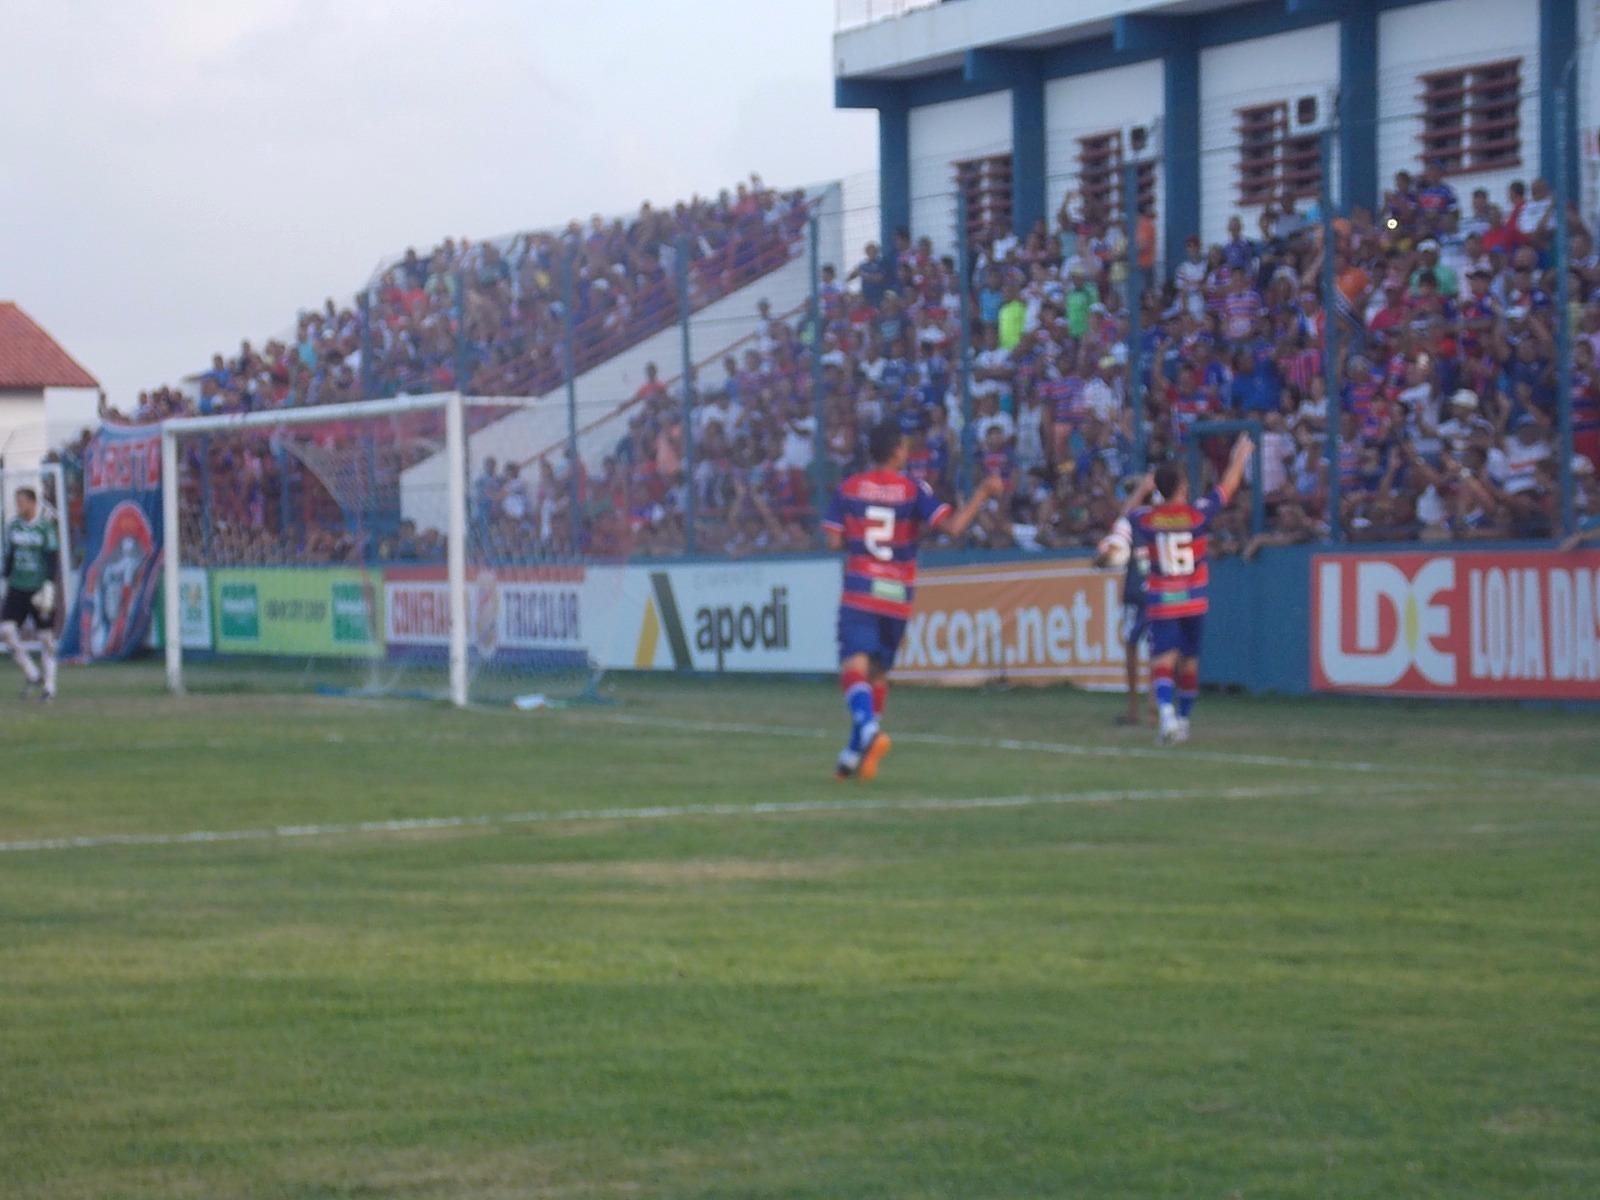 O Pici recebeu mais de 7 mil torcedores (Foto: divulgação/Fortaleza)